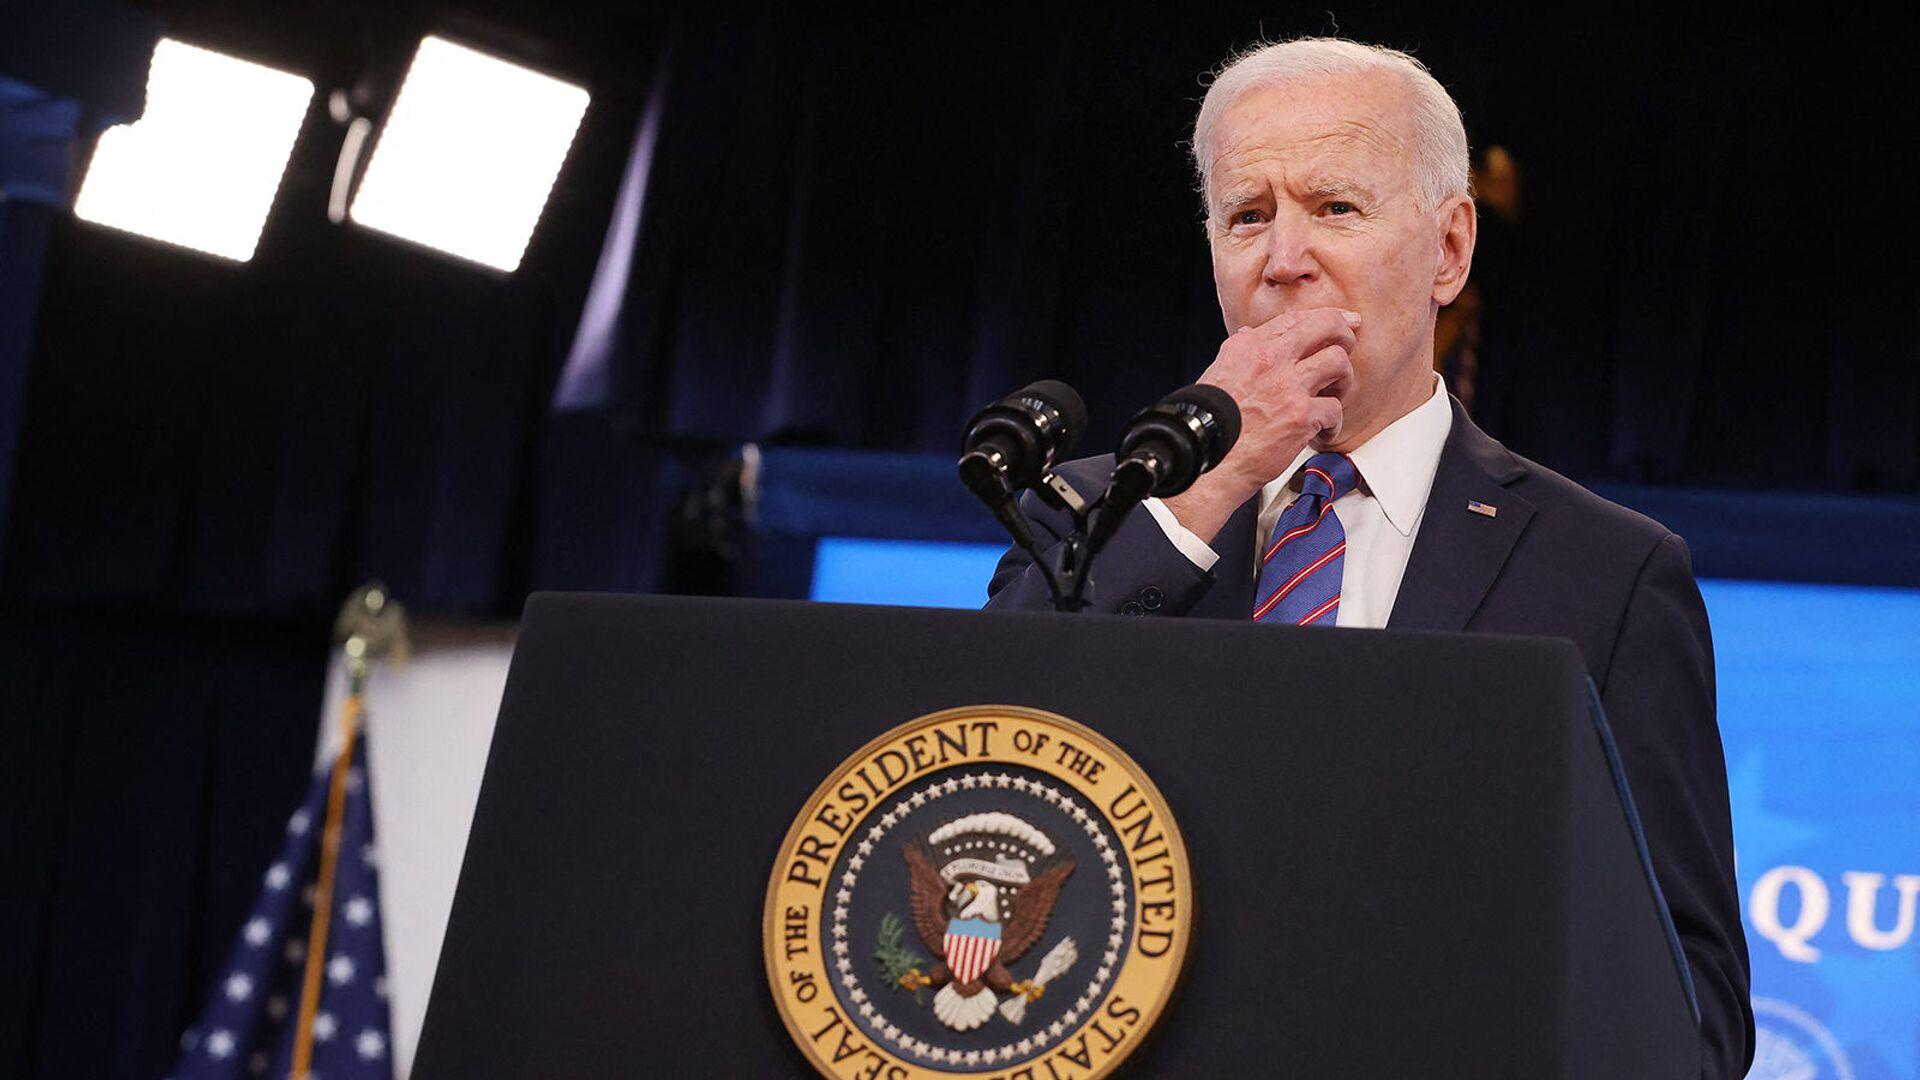 Президент США Джо Байден после подписания прокламации День равной оплаты труда для женщин (24 марта 2021). Вашингтон - Sputnik Армения, 1920, 17.09.2021